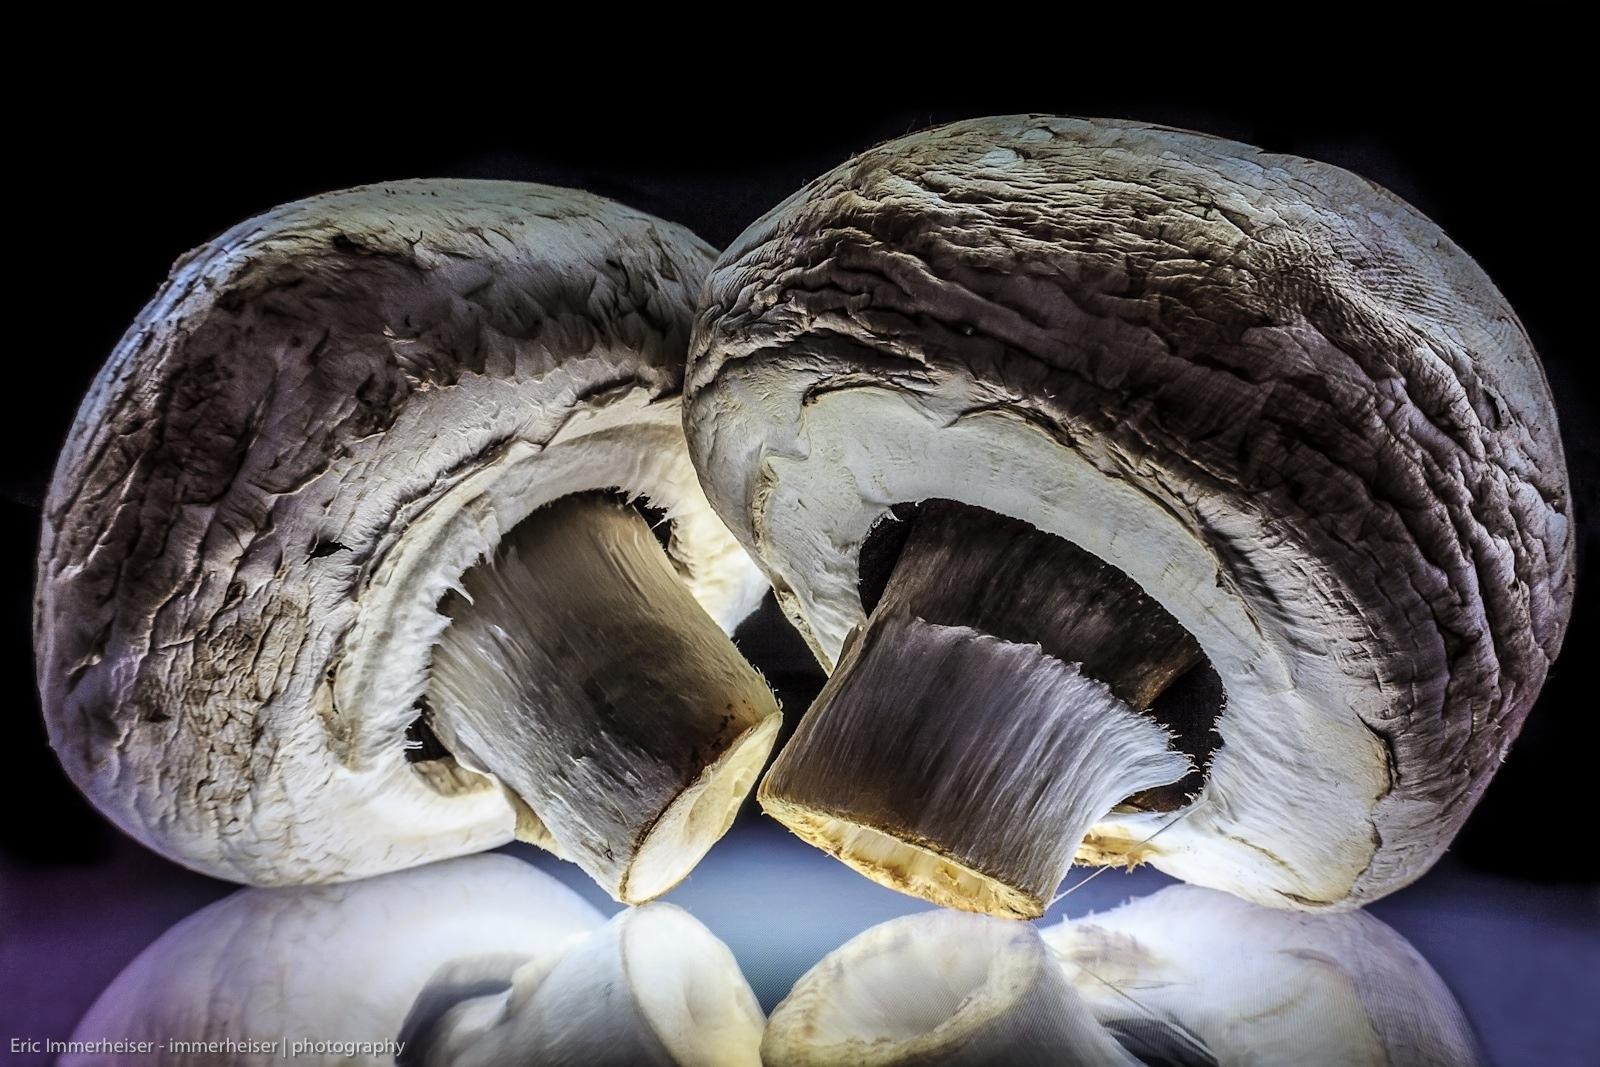 Champignons | mushrooms